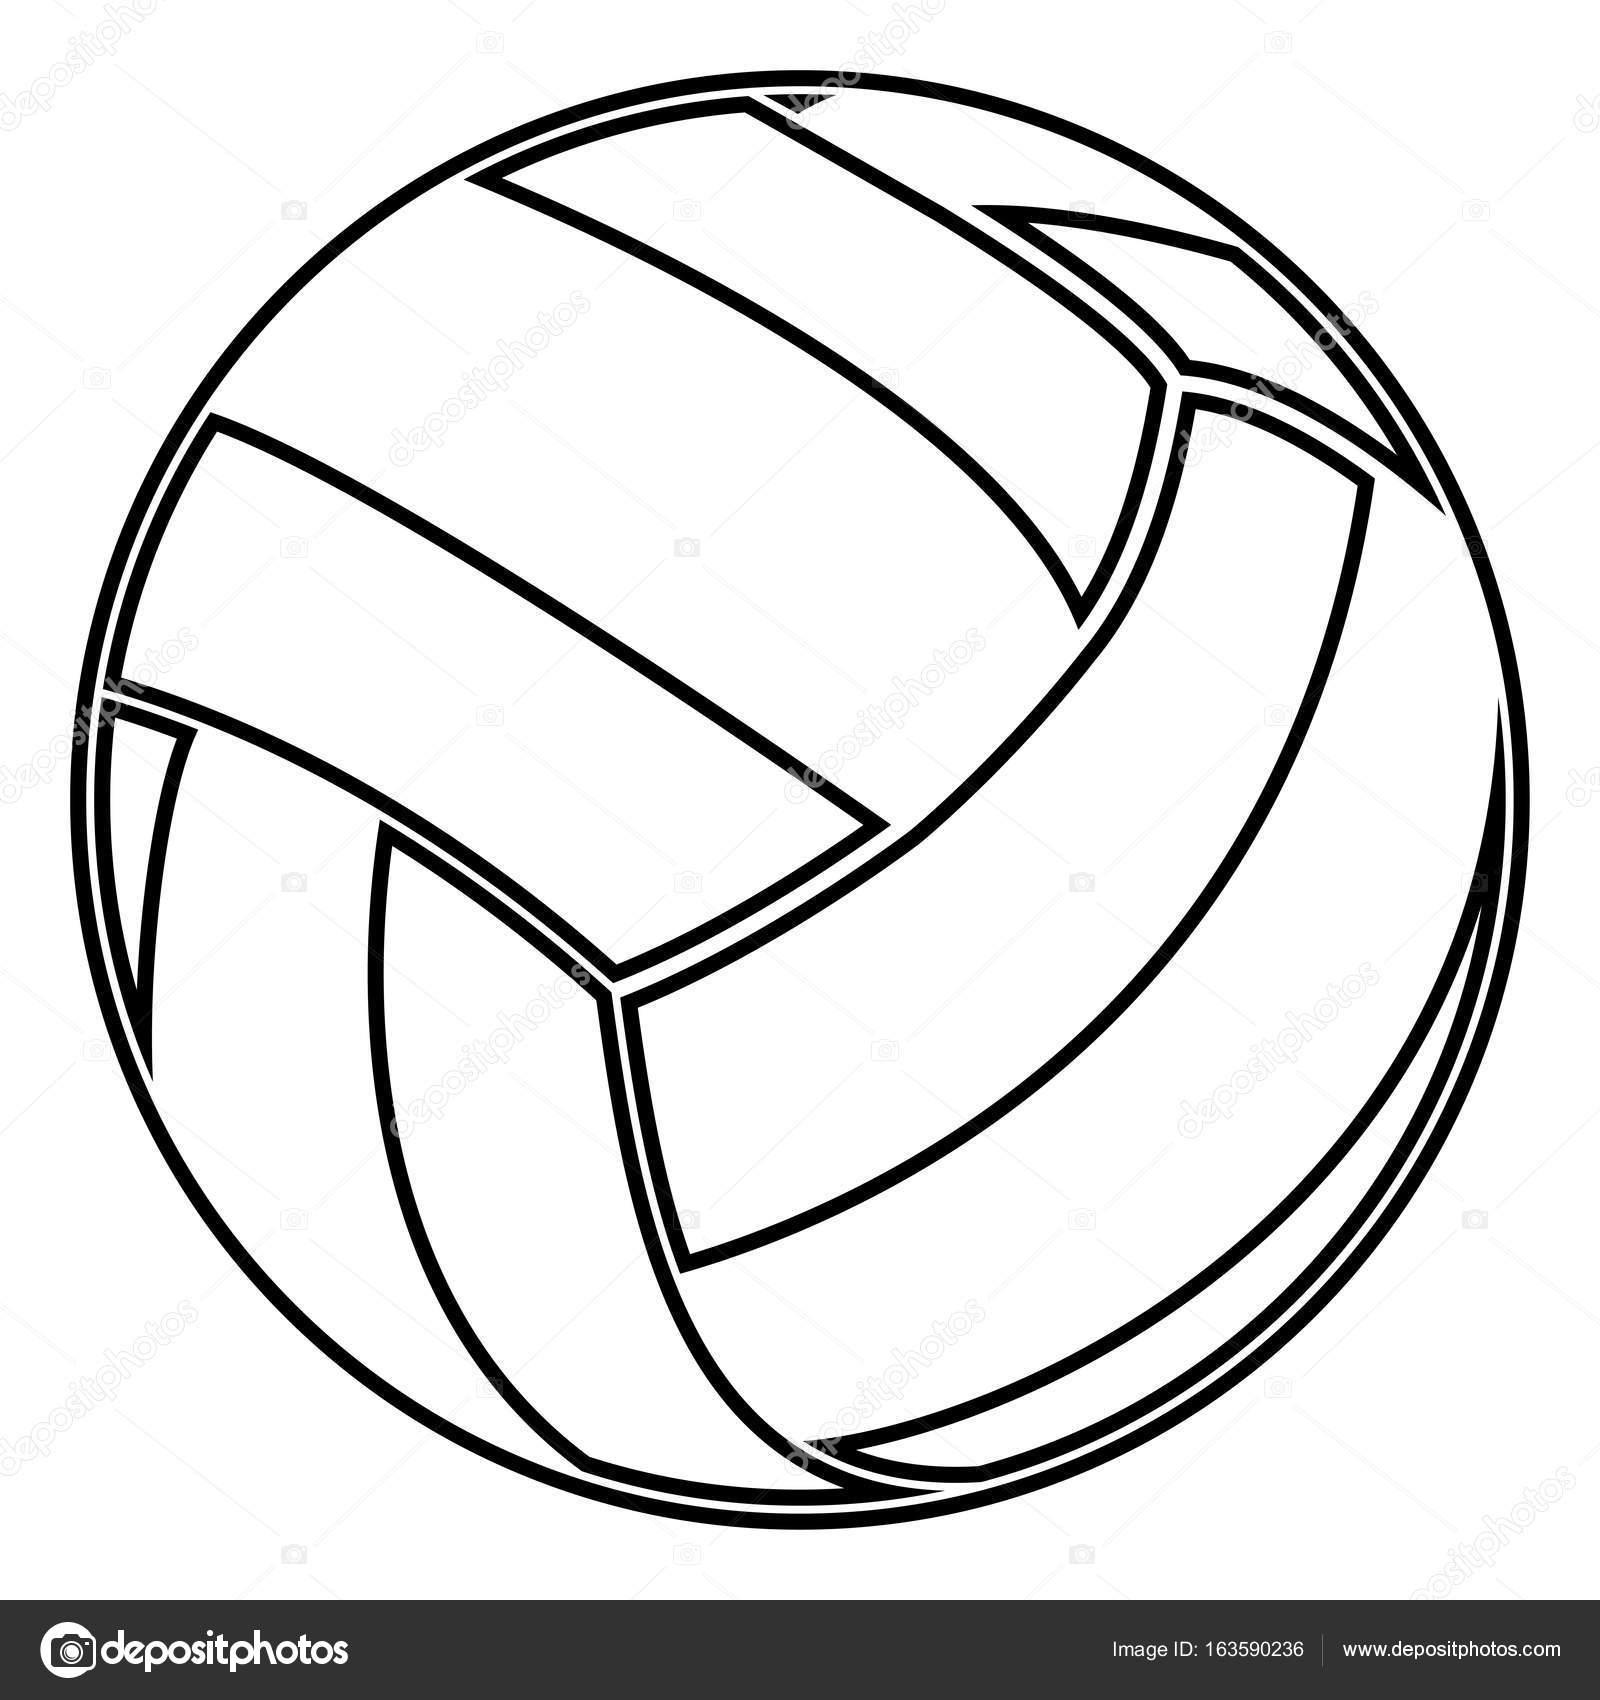 Dibujos de voleibol en blanco y negro